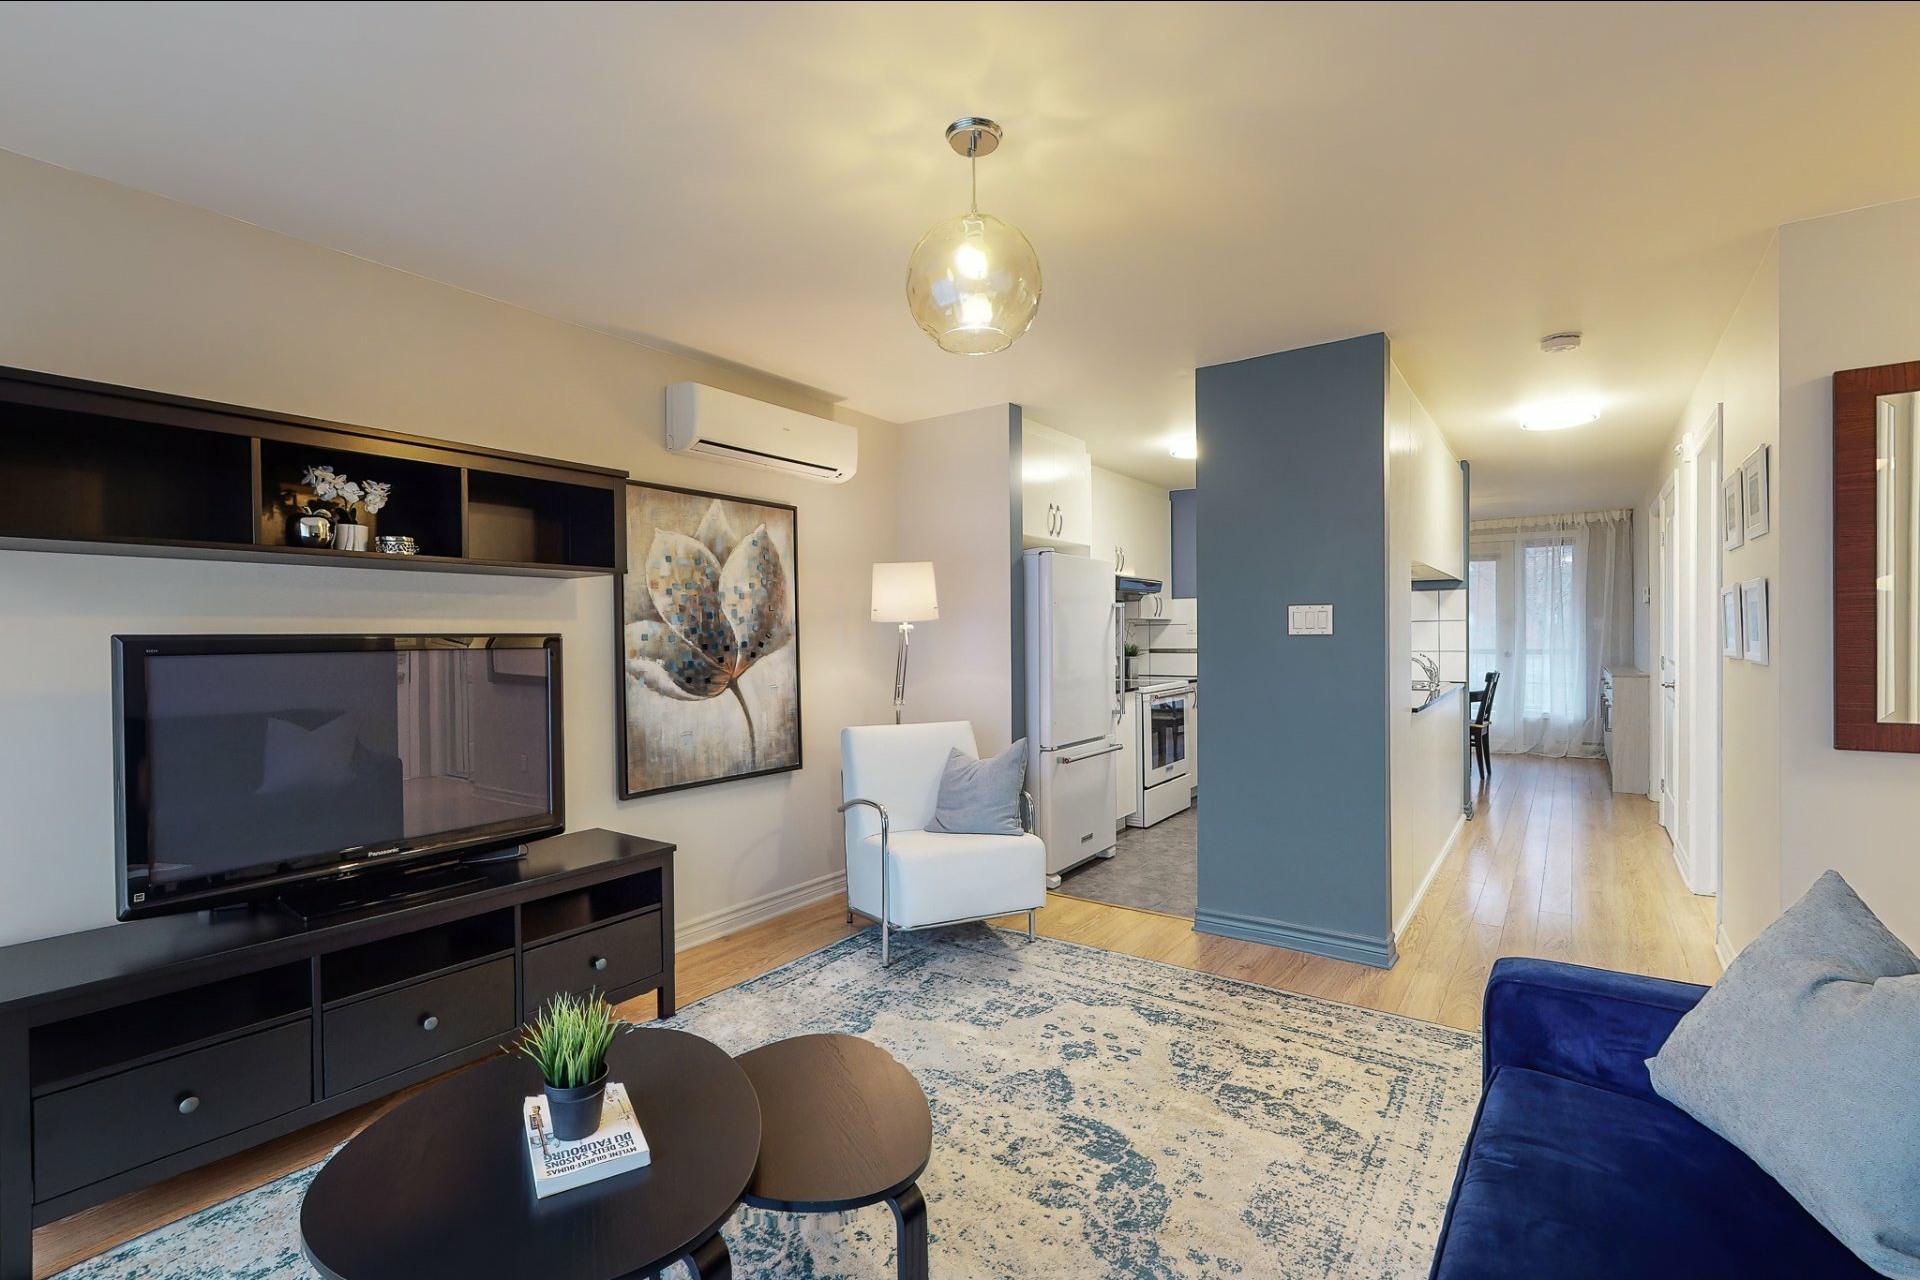 image 3 - Appartement À vendre Mercier/Hochelaga-Maisonneuve Montréal  - 7 pièces